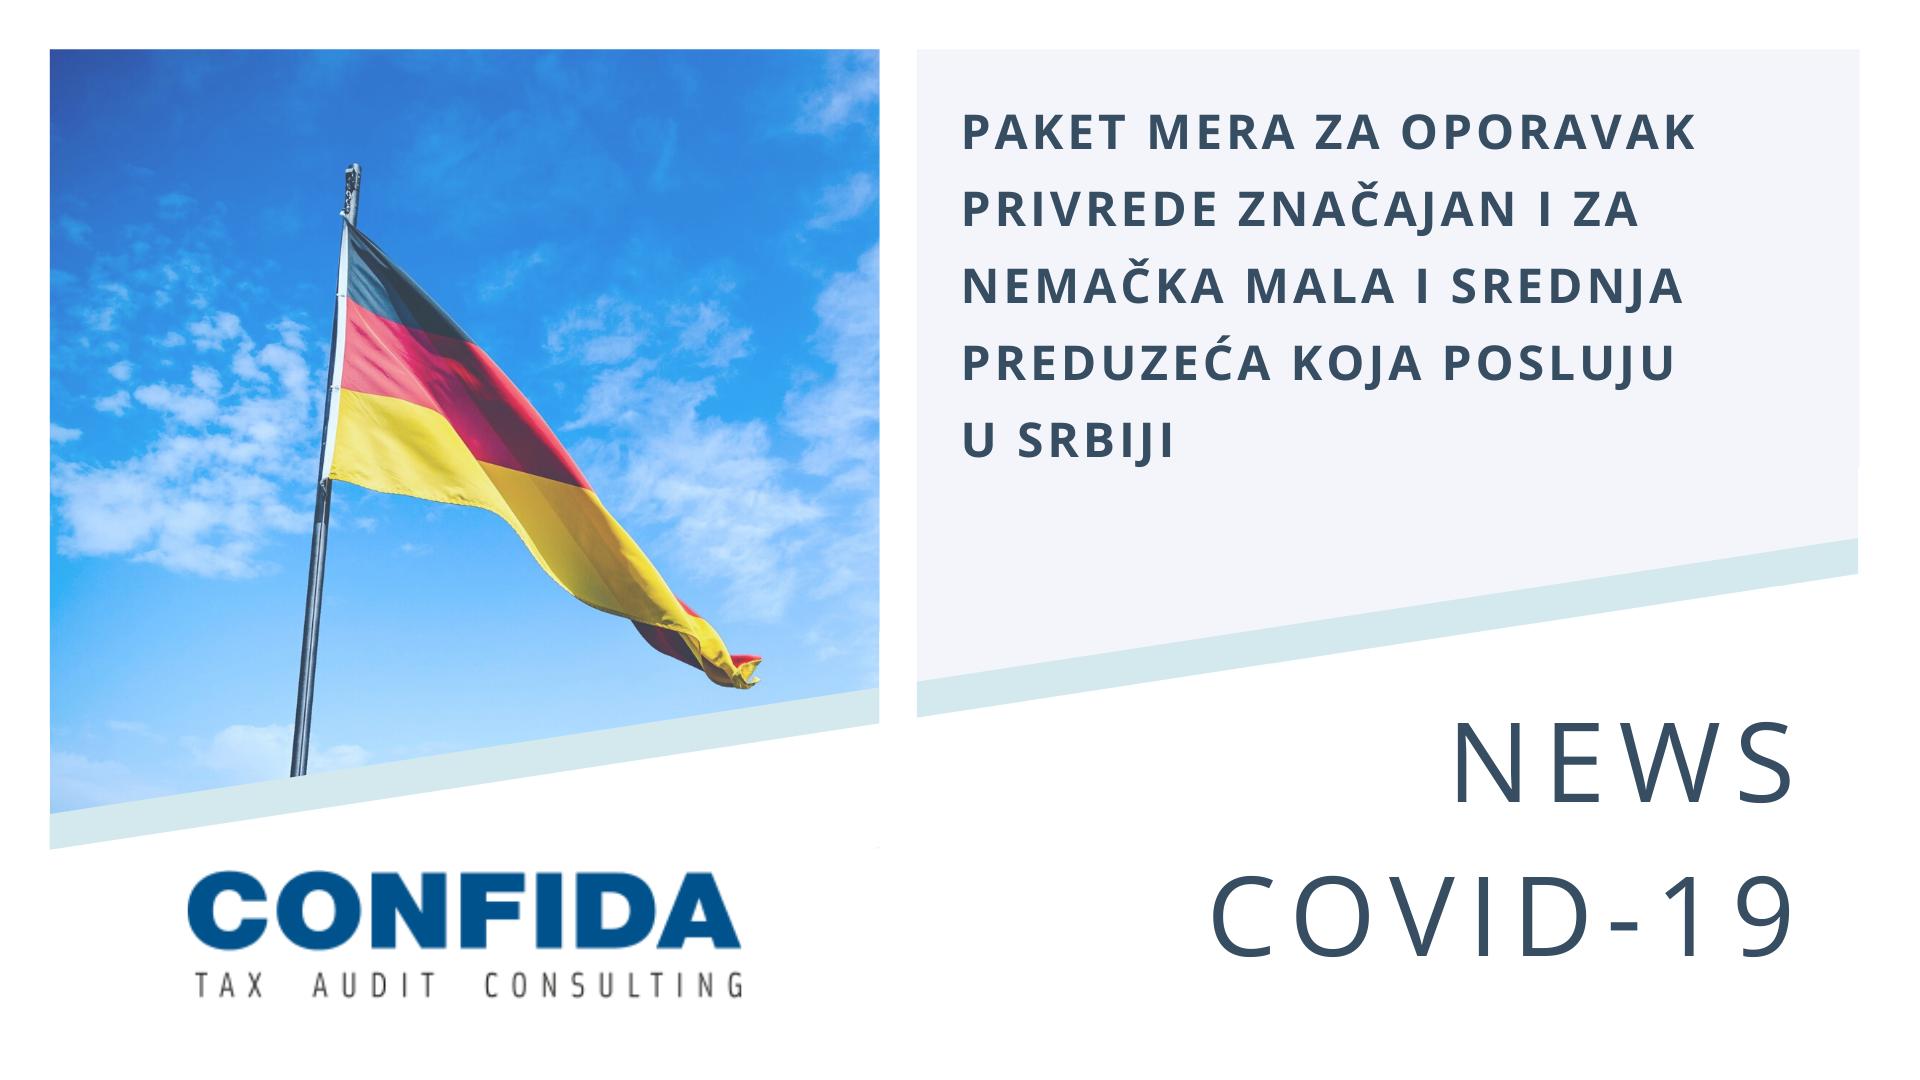 Paket mera za oporavak privrede značajan i za nemačka mala i srednja preduzeća koja posluju u Srbiji